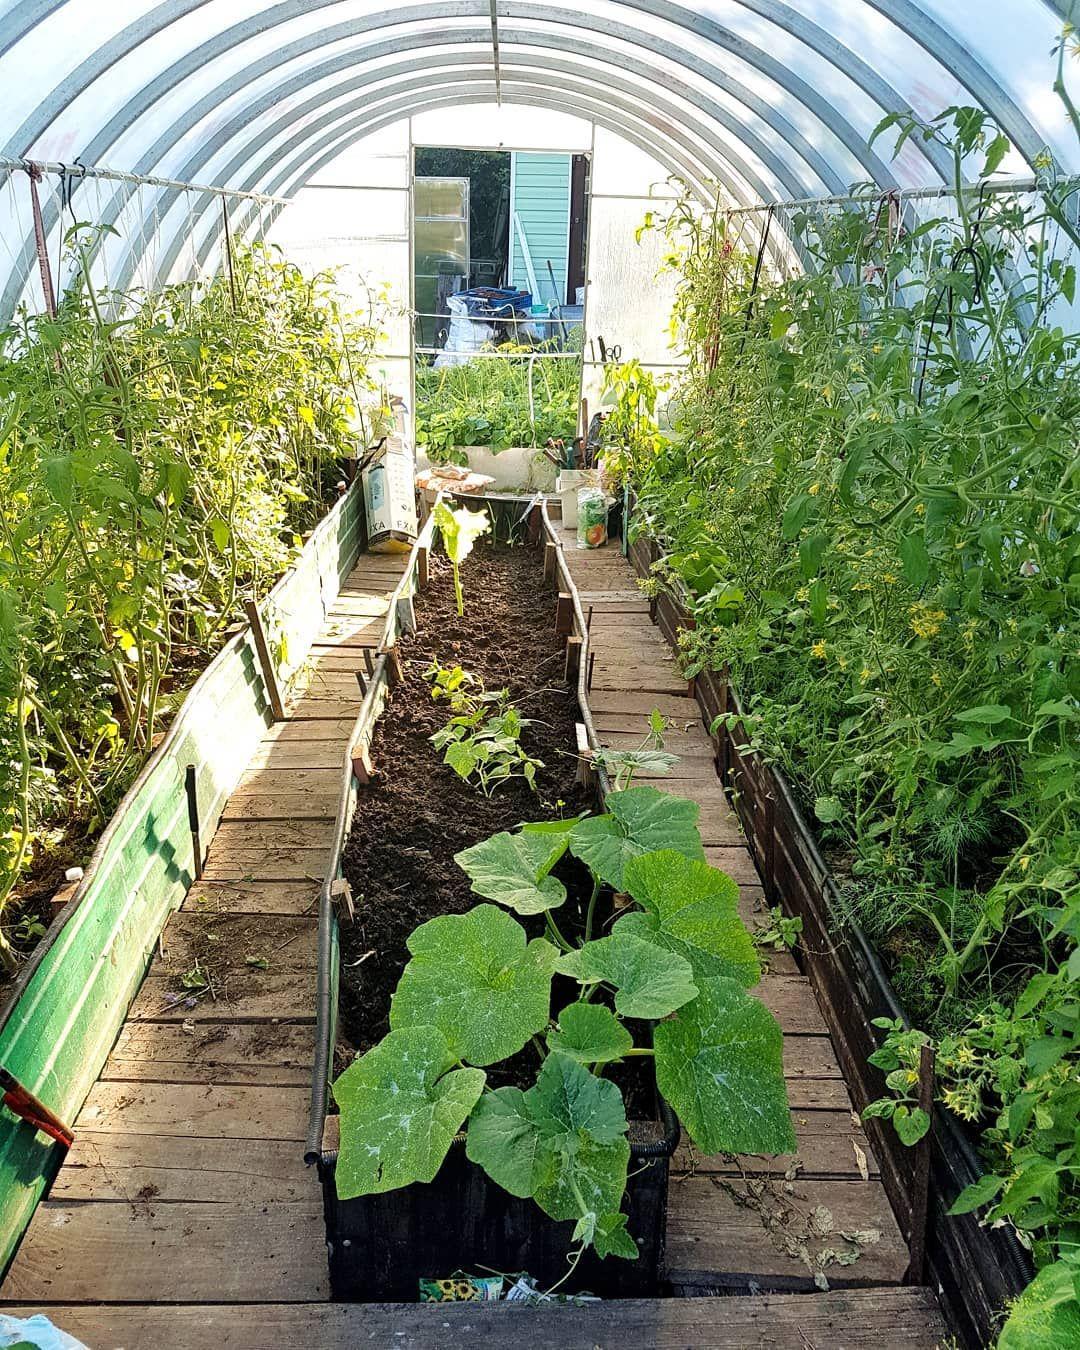 Le potager couvert! . Dans le jardin de Tante Lucie, il y a un potager et 2 grandes  serres. En voici l'une d'entre elles, des rangées de tomates et au milieu d'autres variétés de légumes. . Tout est naturel, bon et bio. . . .